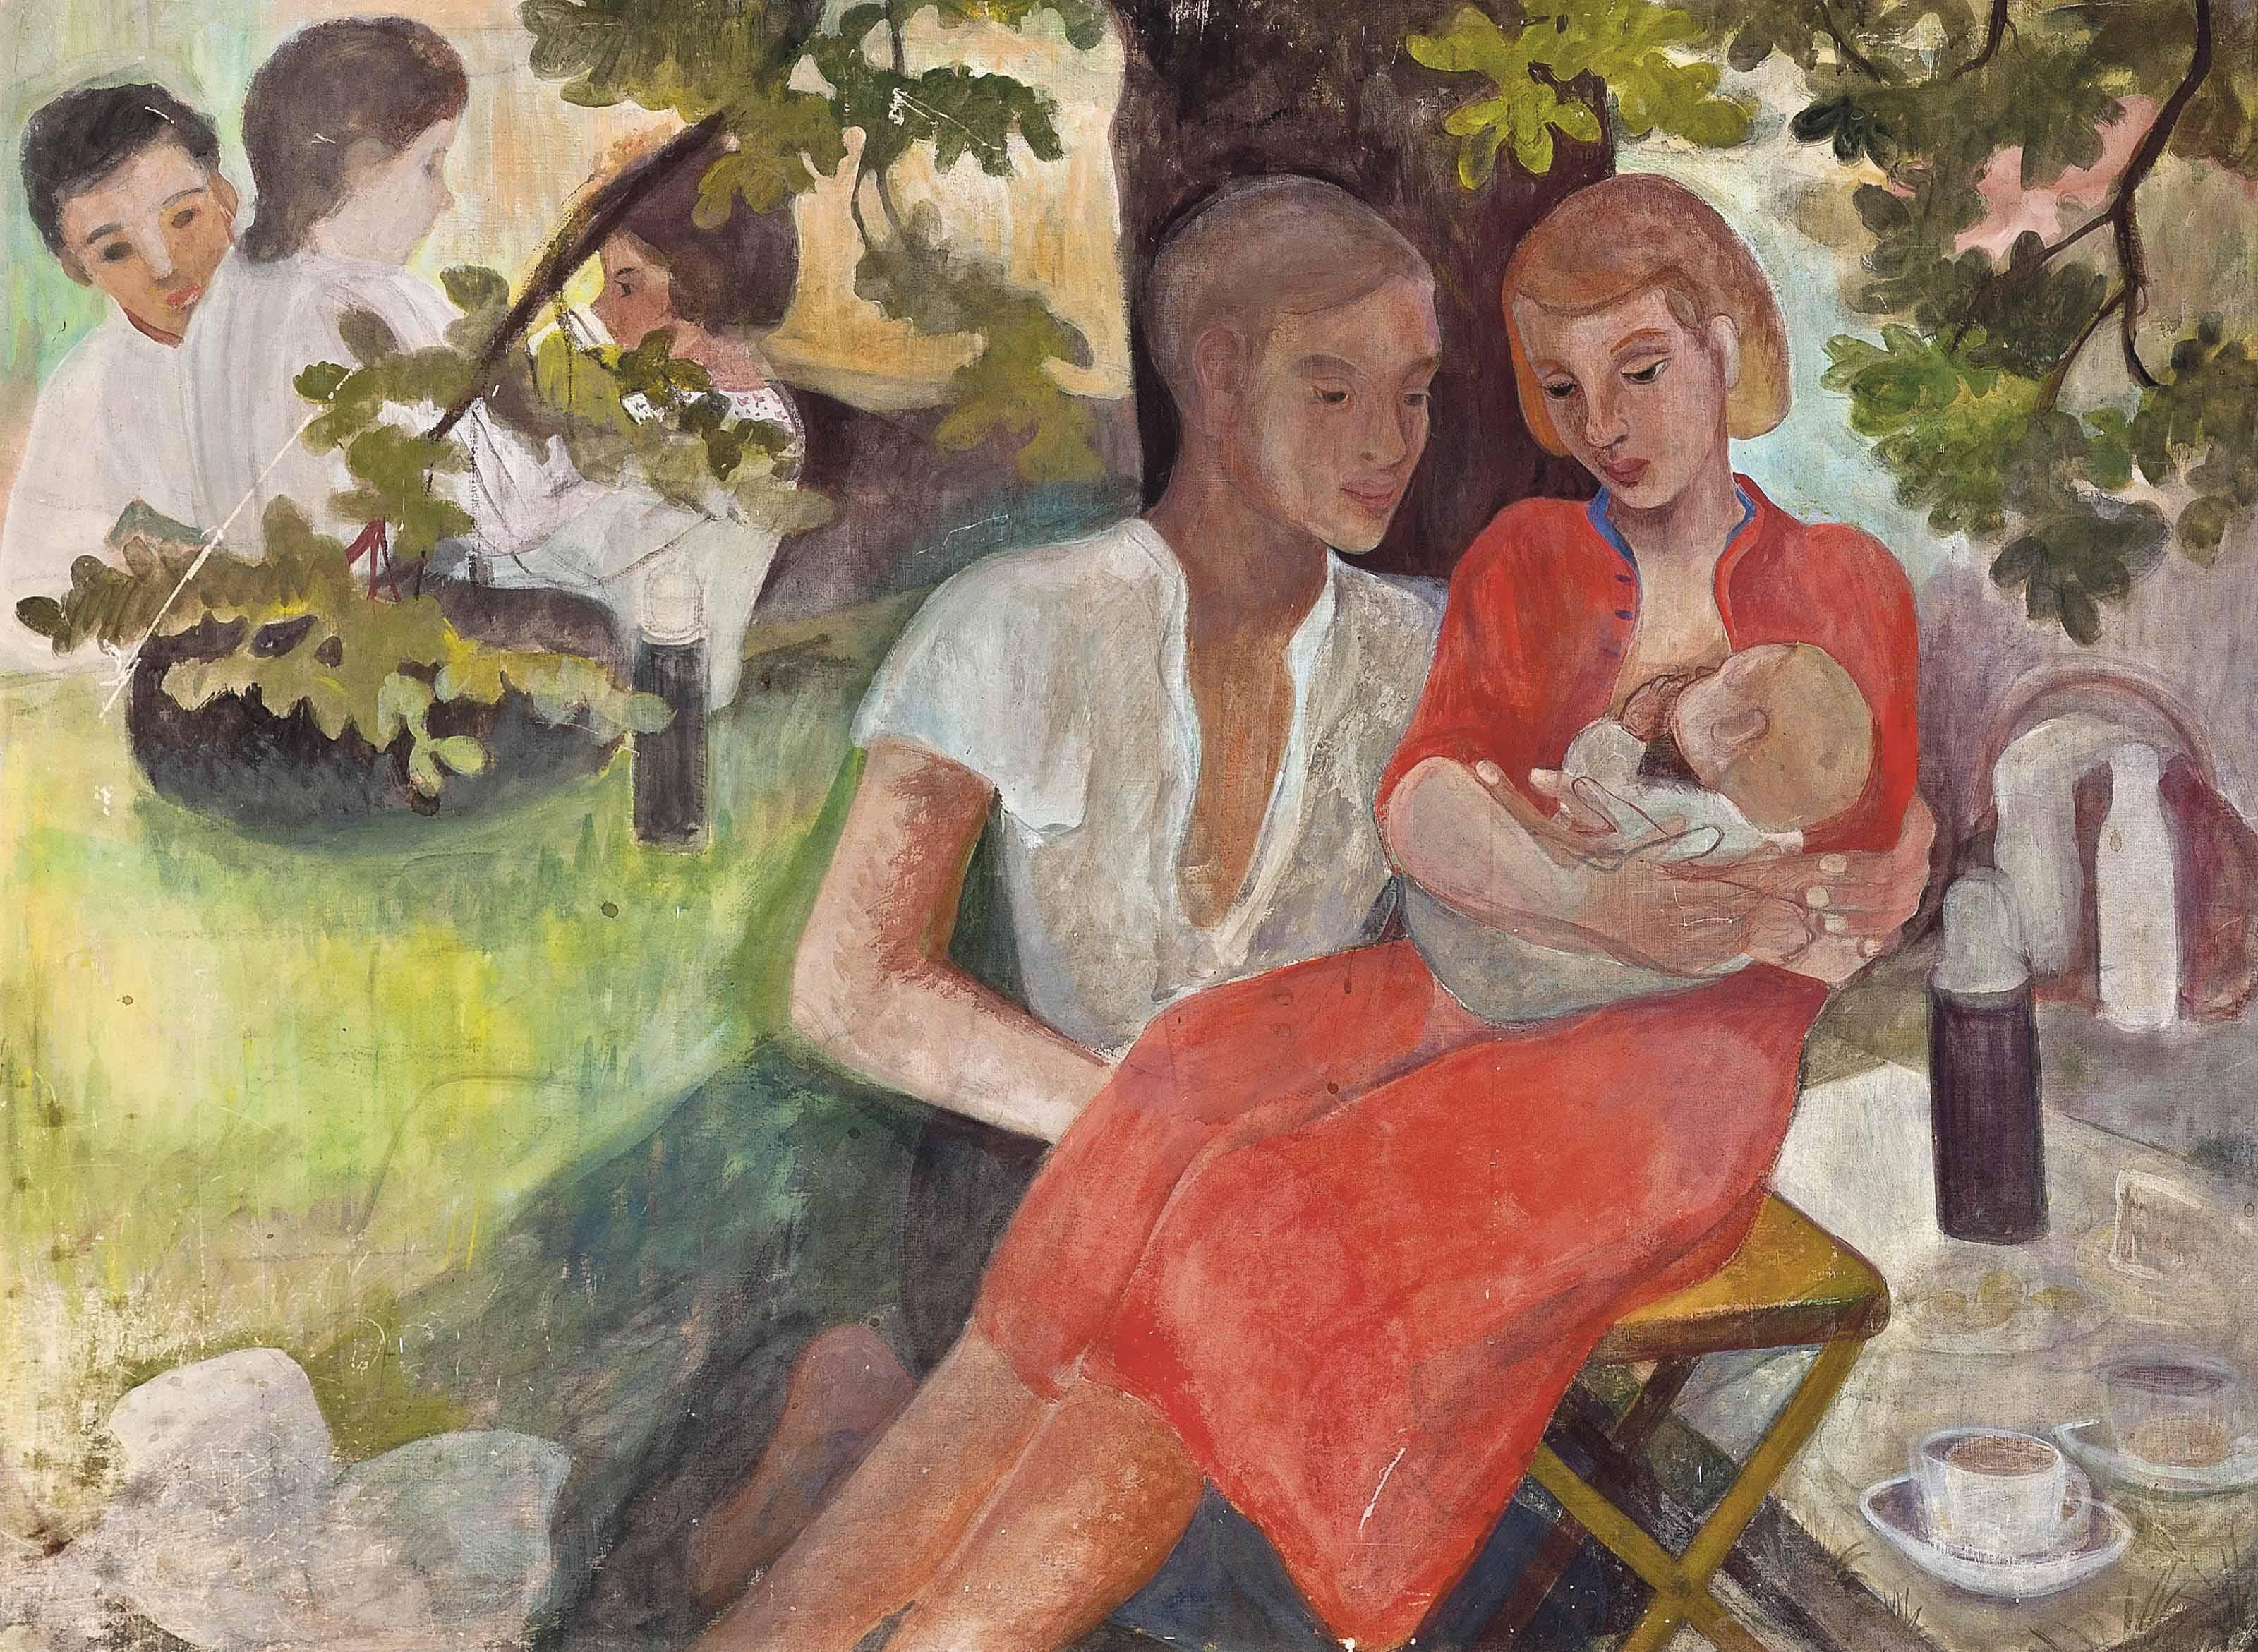 A family picnic